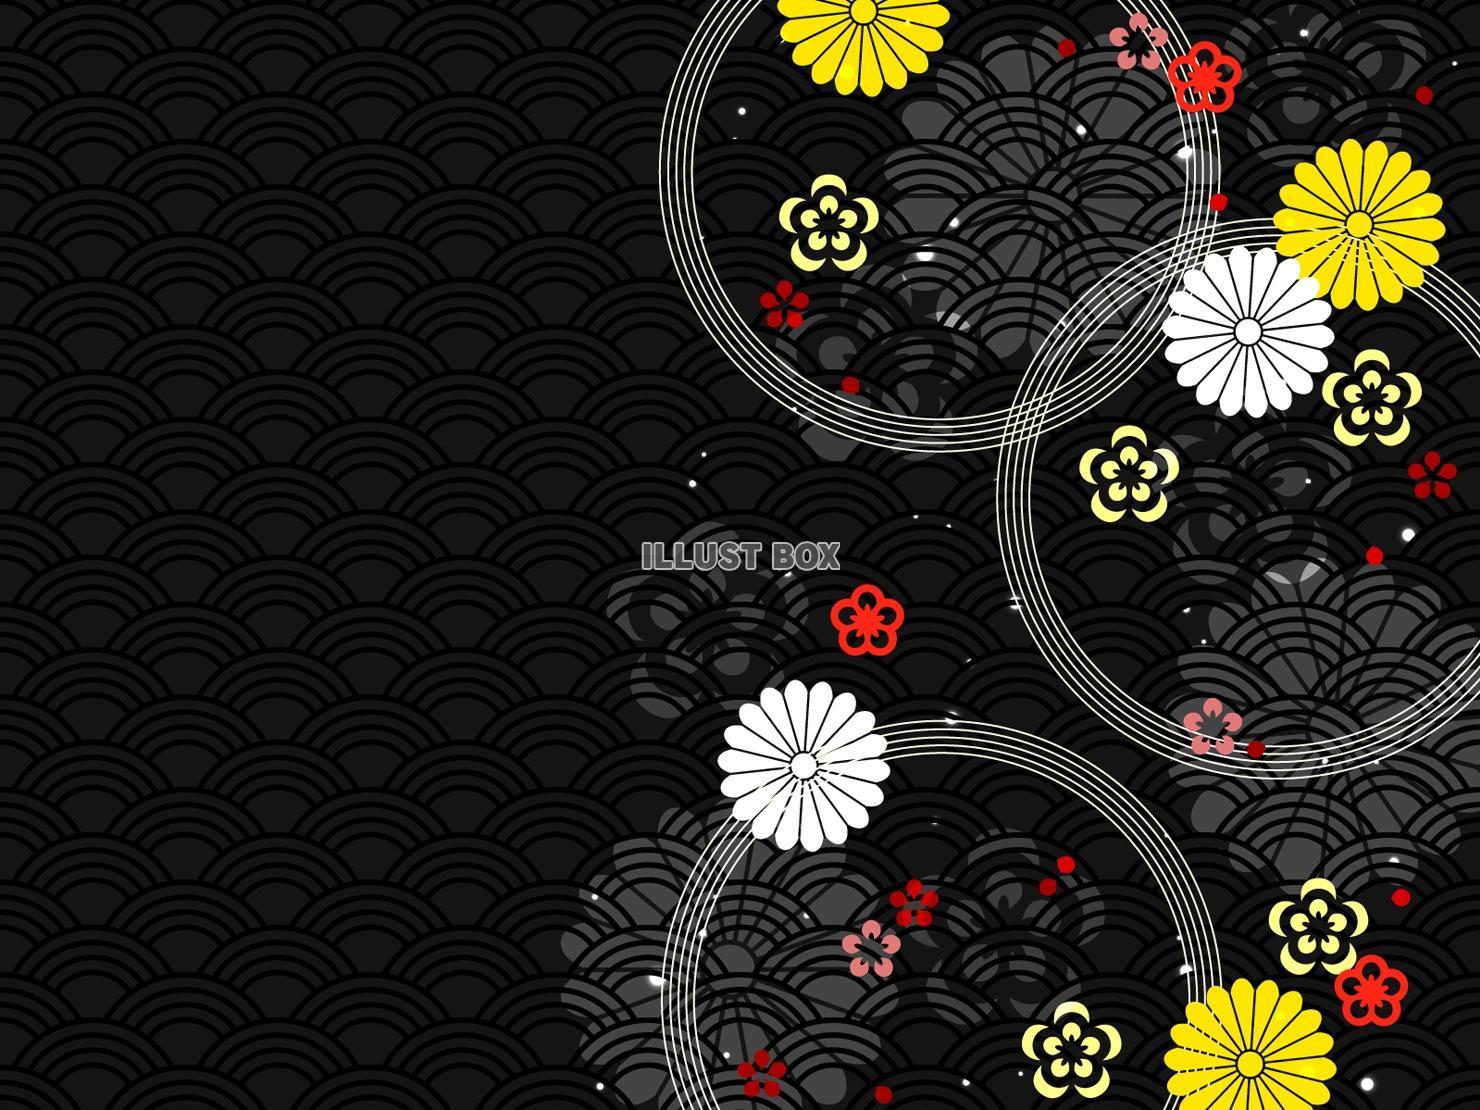 無料イラスト 花もようの和風背景